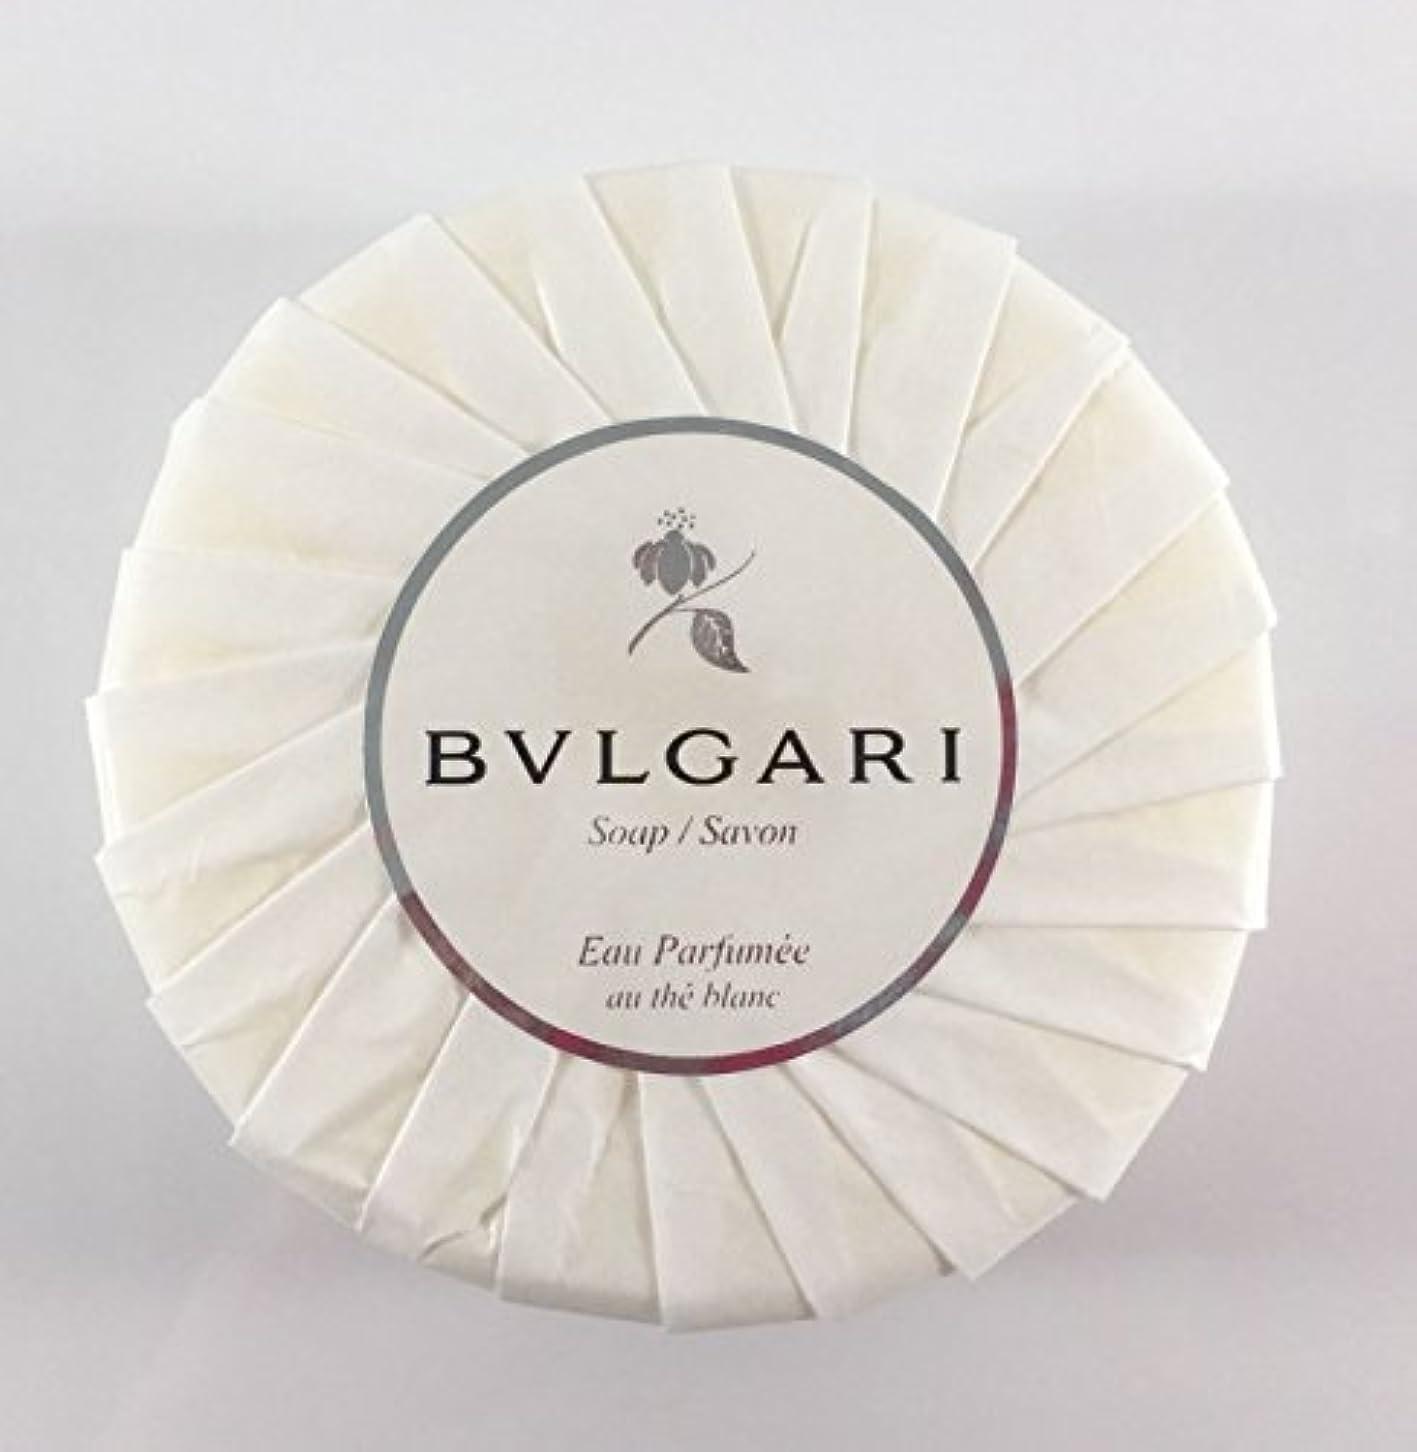 お誕生日アンプ削減ブルガリ オ?パフメ オーテブラン デラックスソープ150g BVLGARI Bvlgari Eau Parfumee au the blanc White Soap